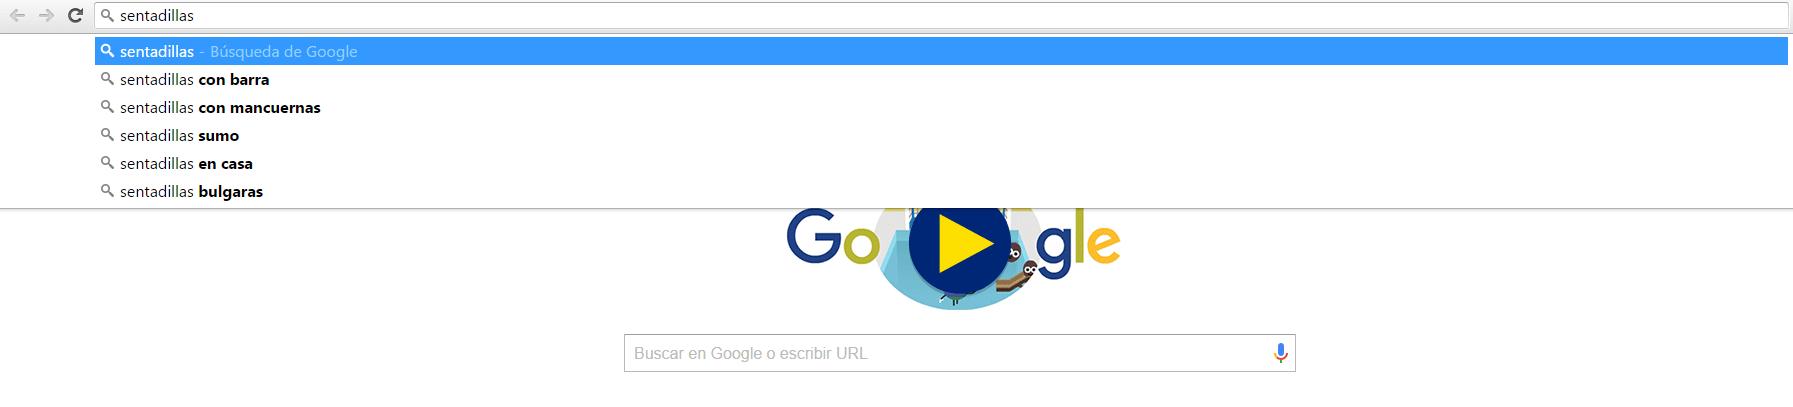 palabras clave autocompletado google